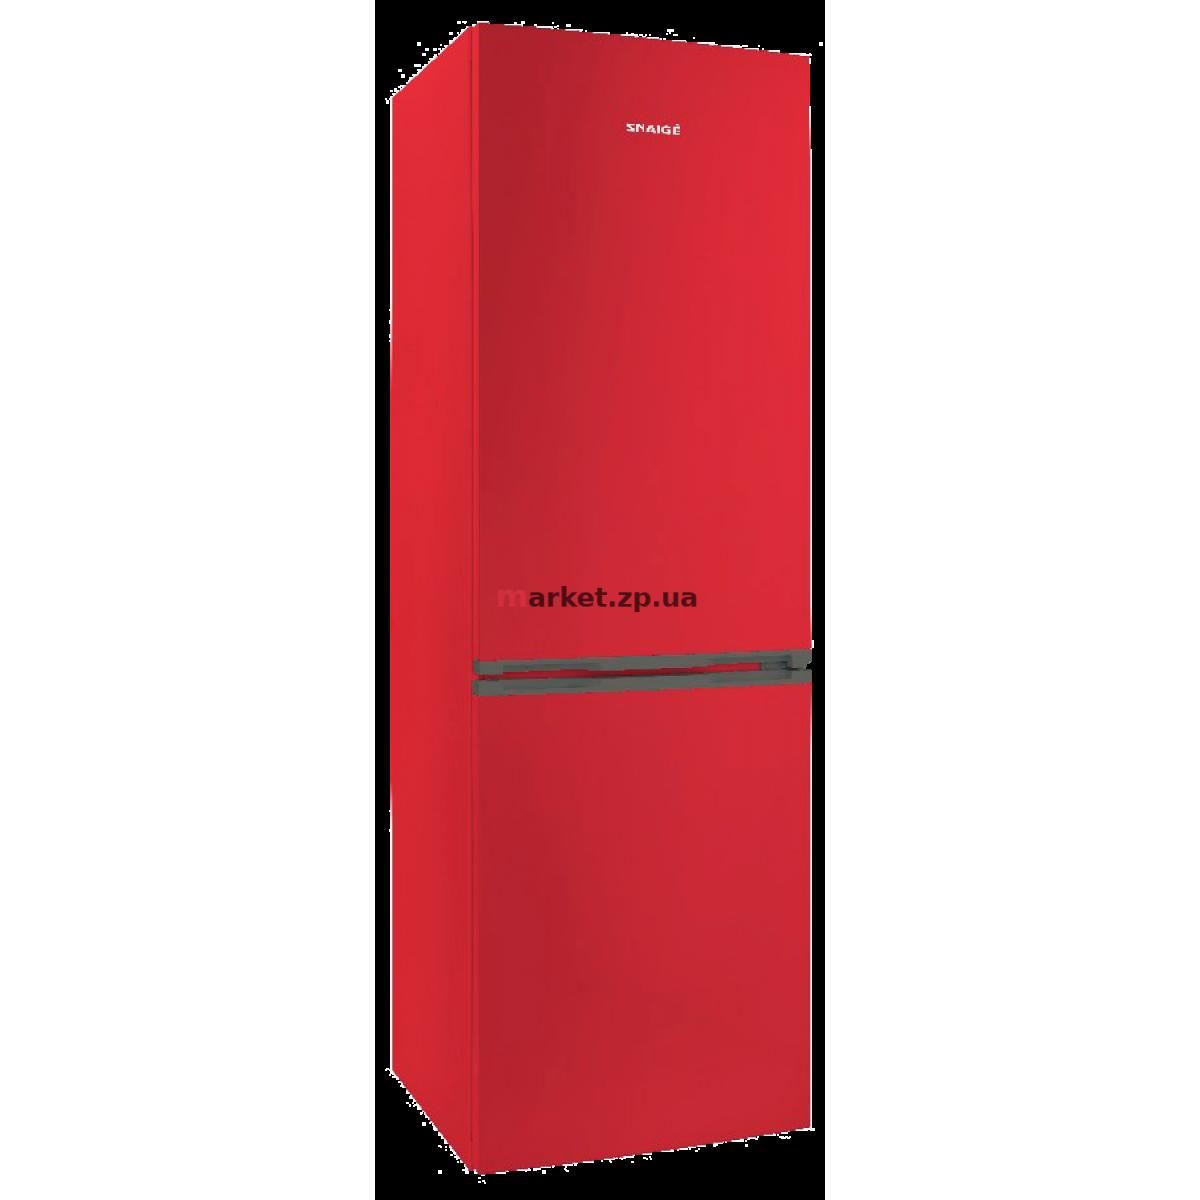 Холодильник SNAIGE RF56SM-S5RP2F красный